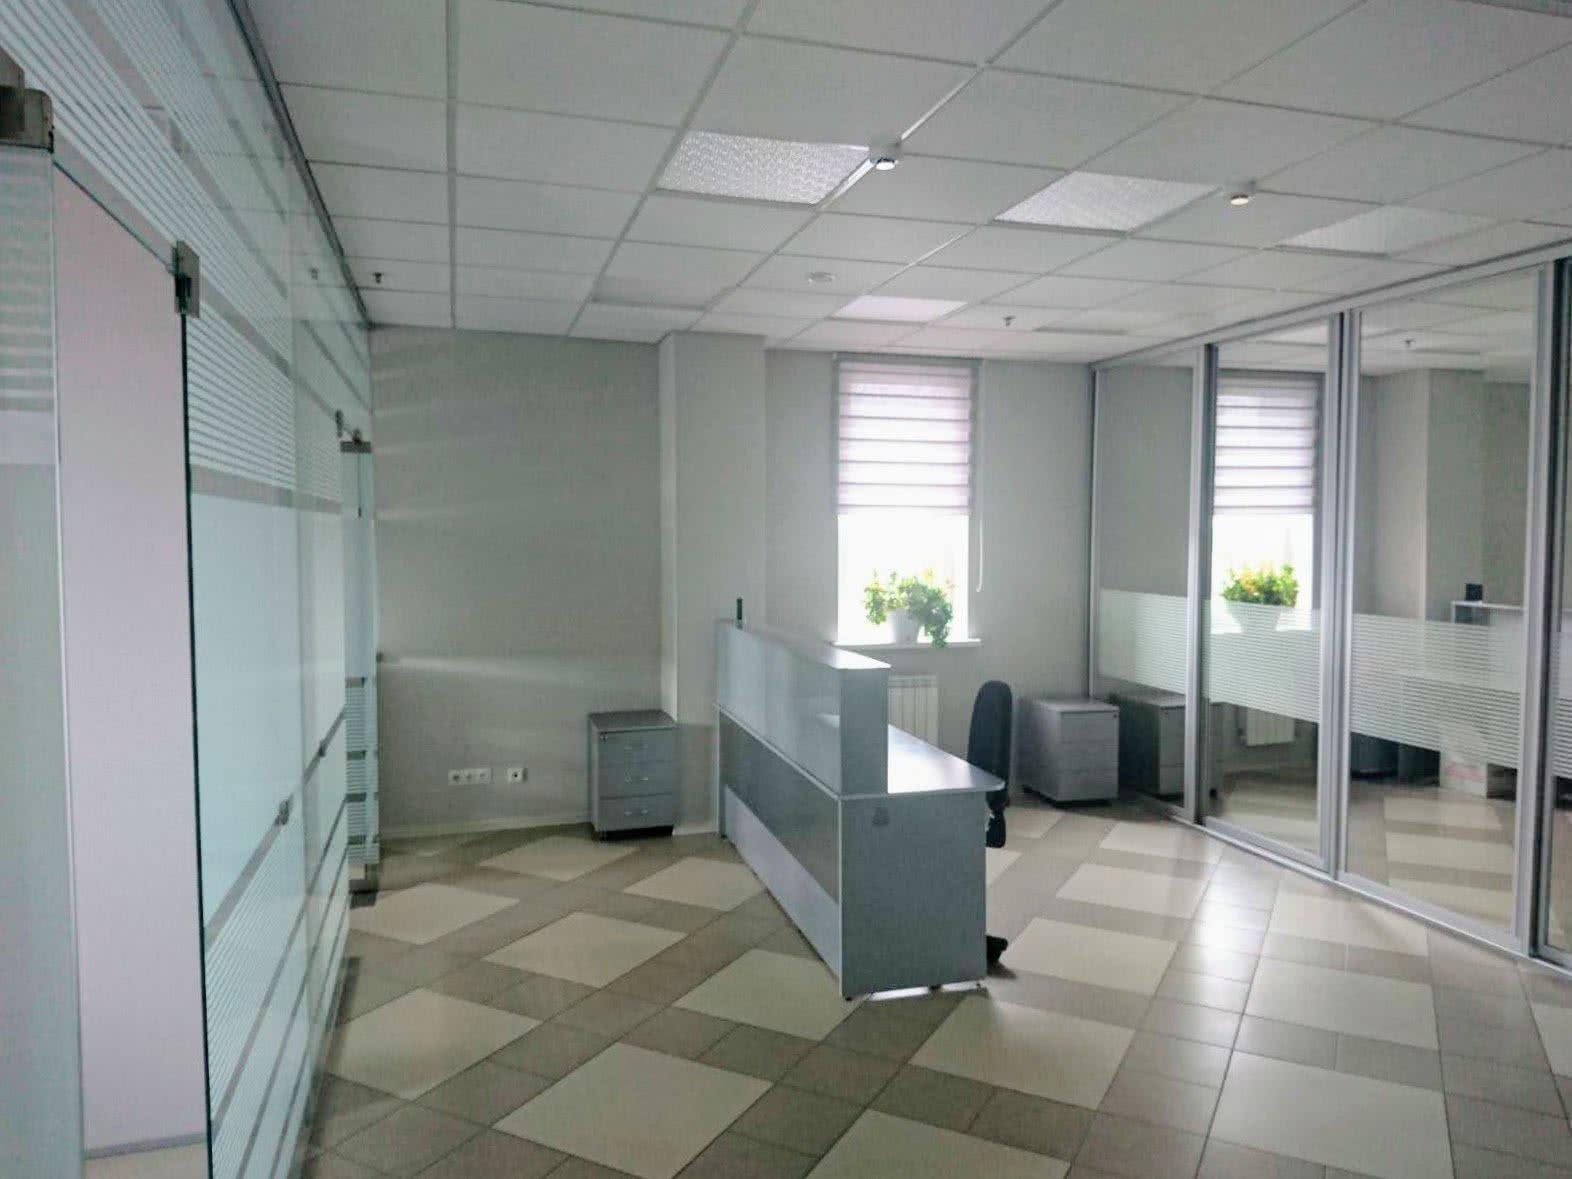 Аренда офиса на ул. Тимирязева, д. 67 в Минске - фото 3